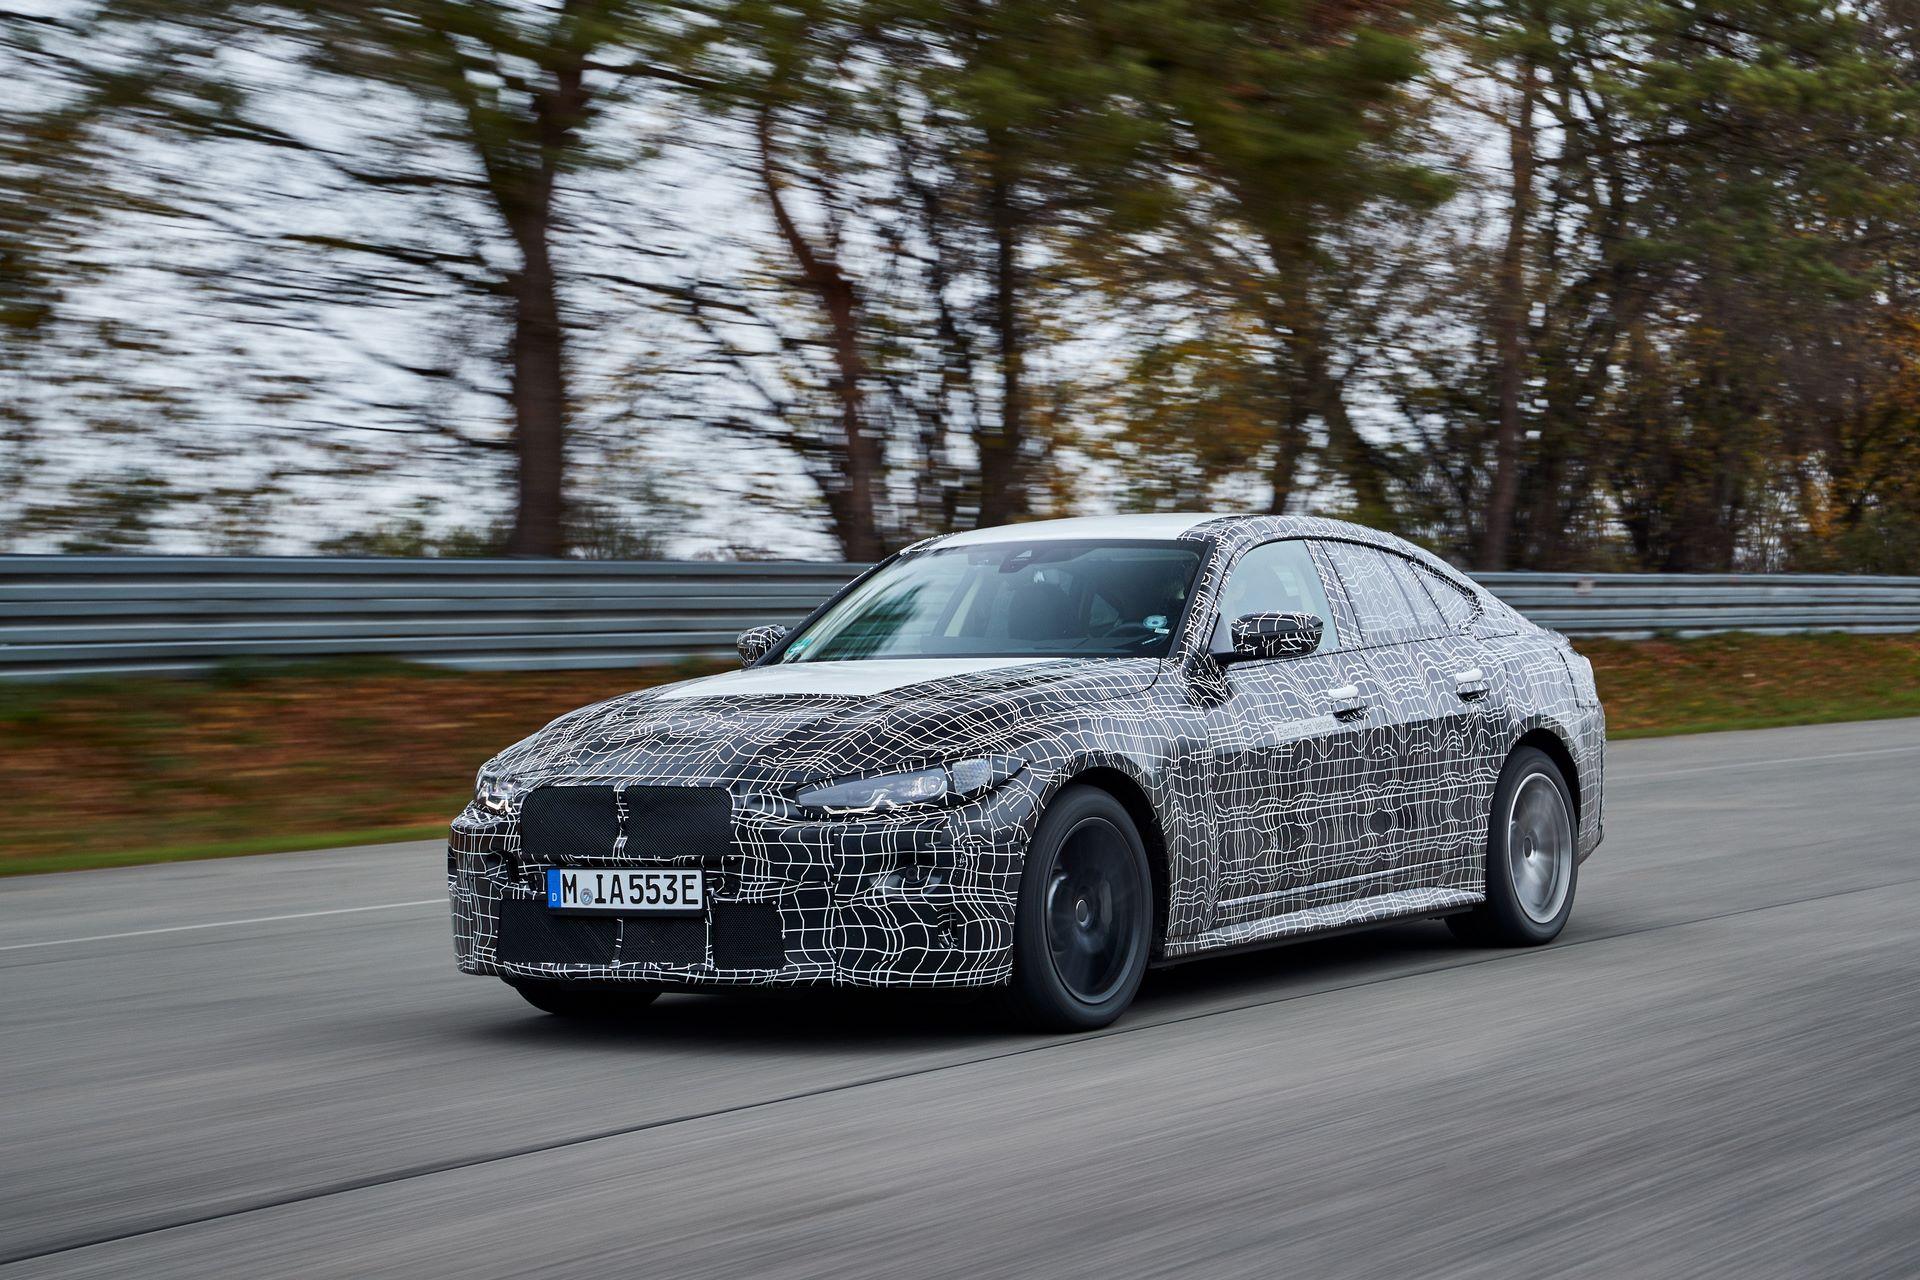 BMW-i4-spy-photos-6